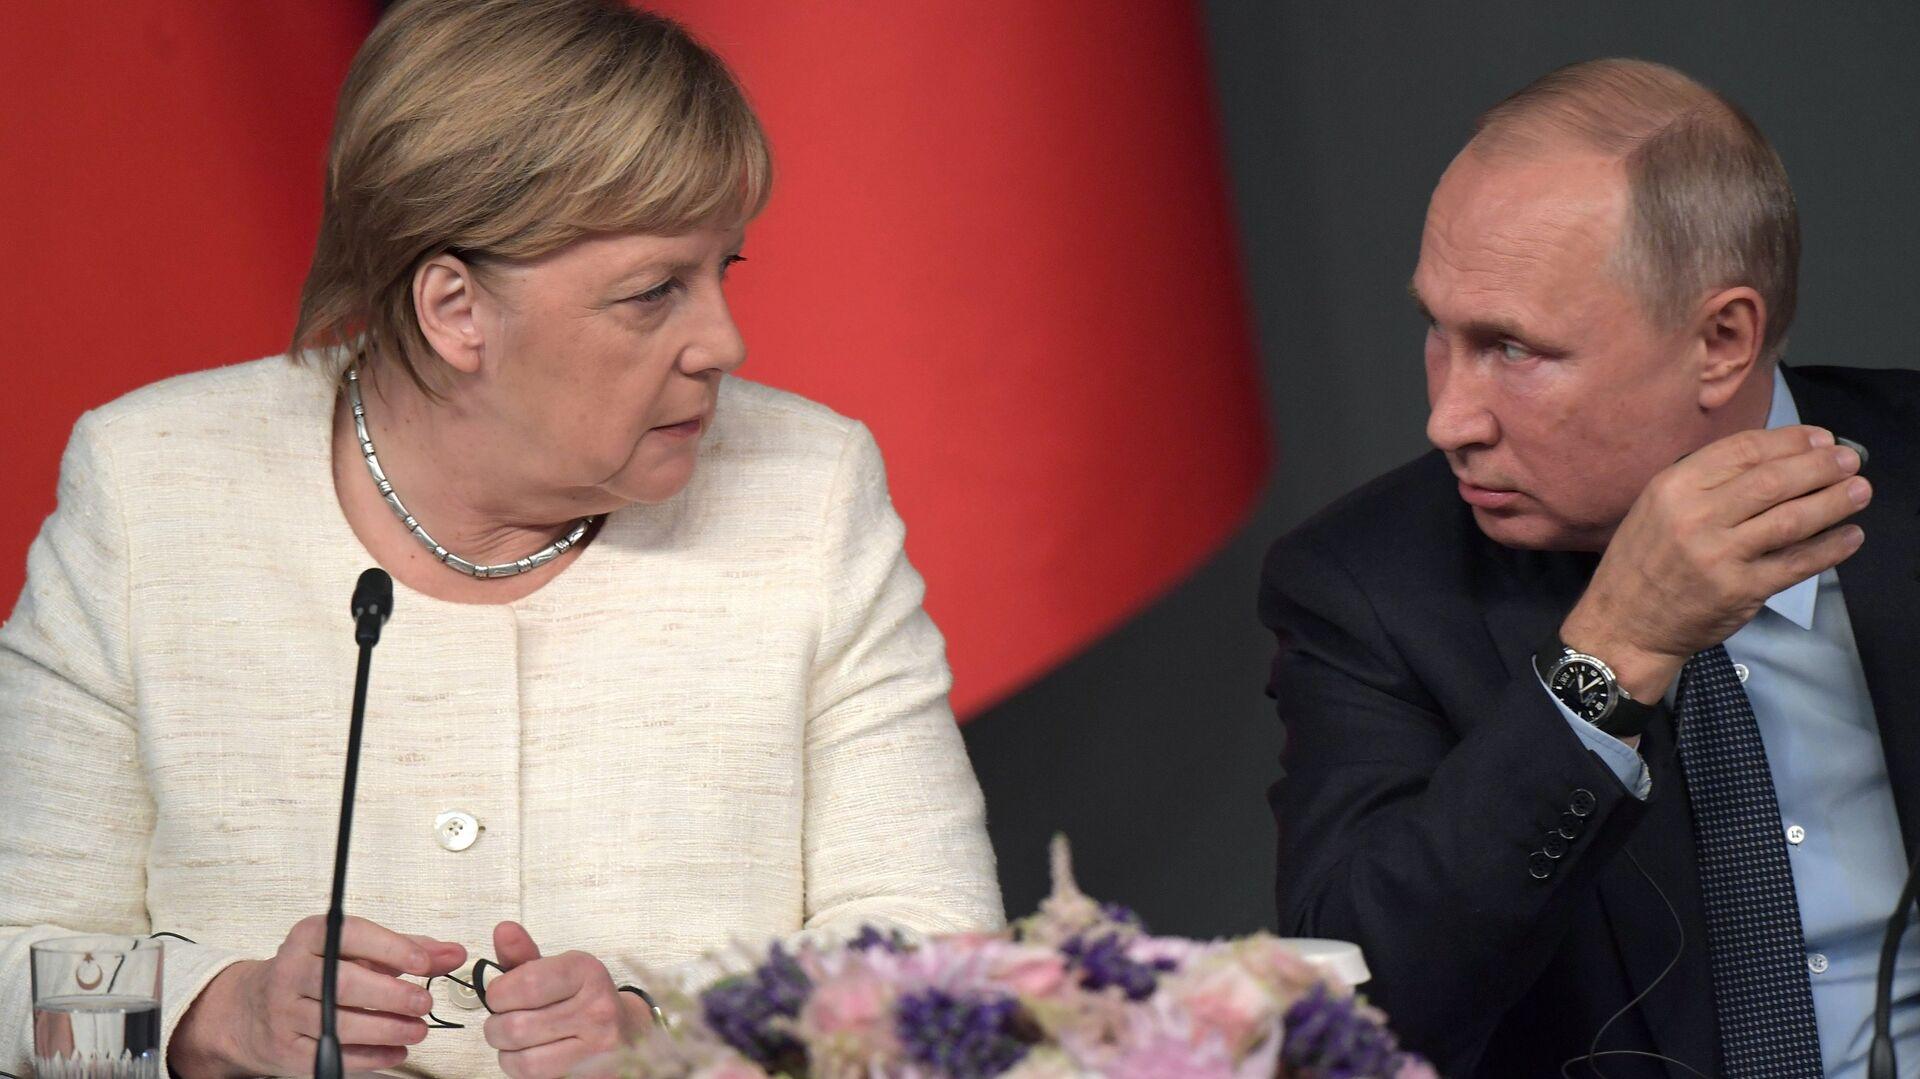 Канцлер Германии Ангела Меркель, президент России Владимир Путин на пресс-конференции по итогам саммита по Сирии. 27 октября 2018  - РИА Новости, 1920, 29.03.2021